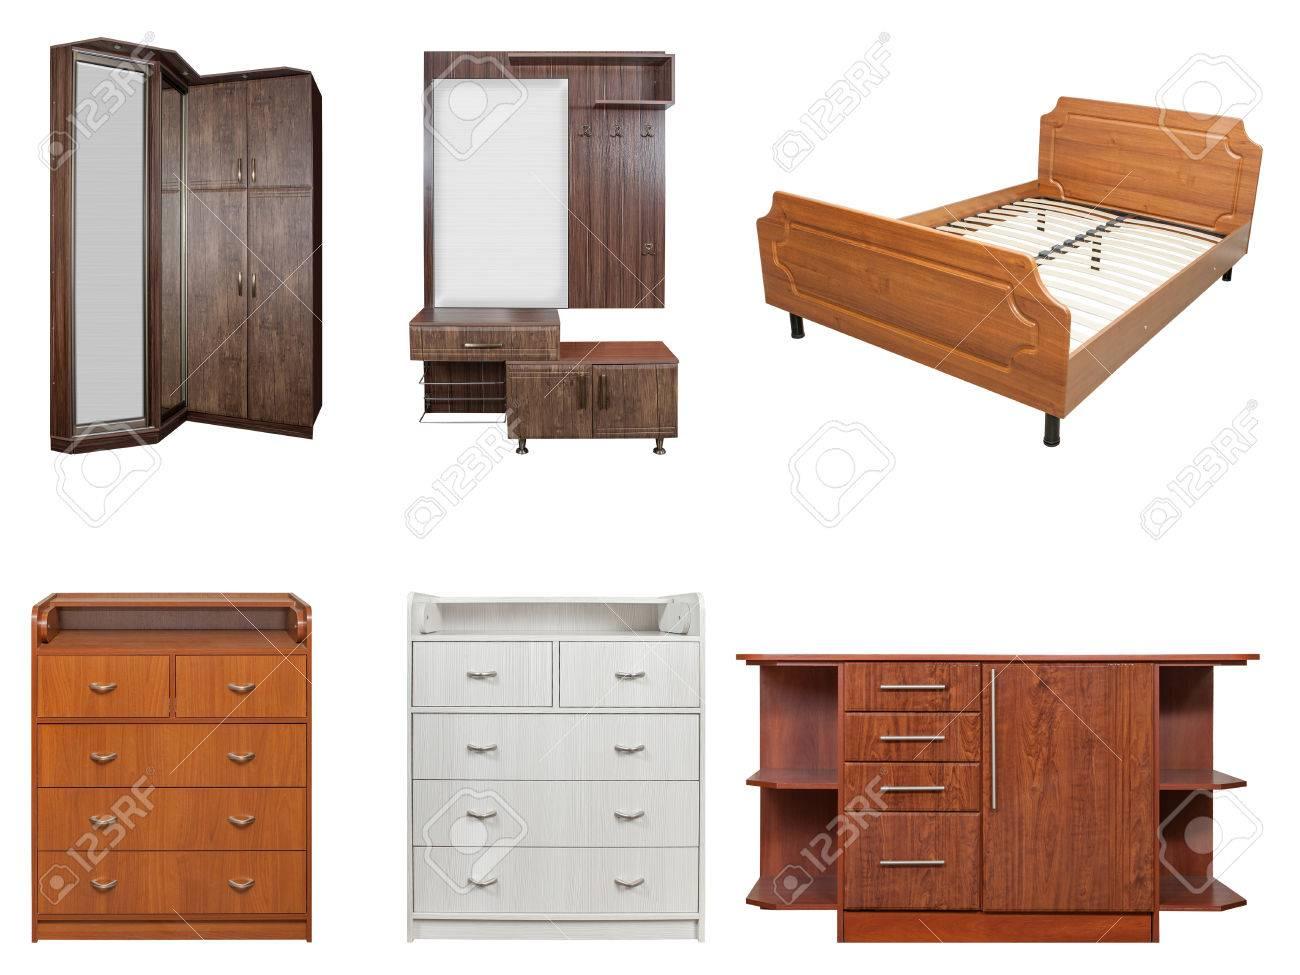 Collage Verschiedener Möbelholz Bett Kommode Schrank Isoliert Auf